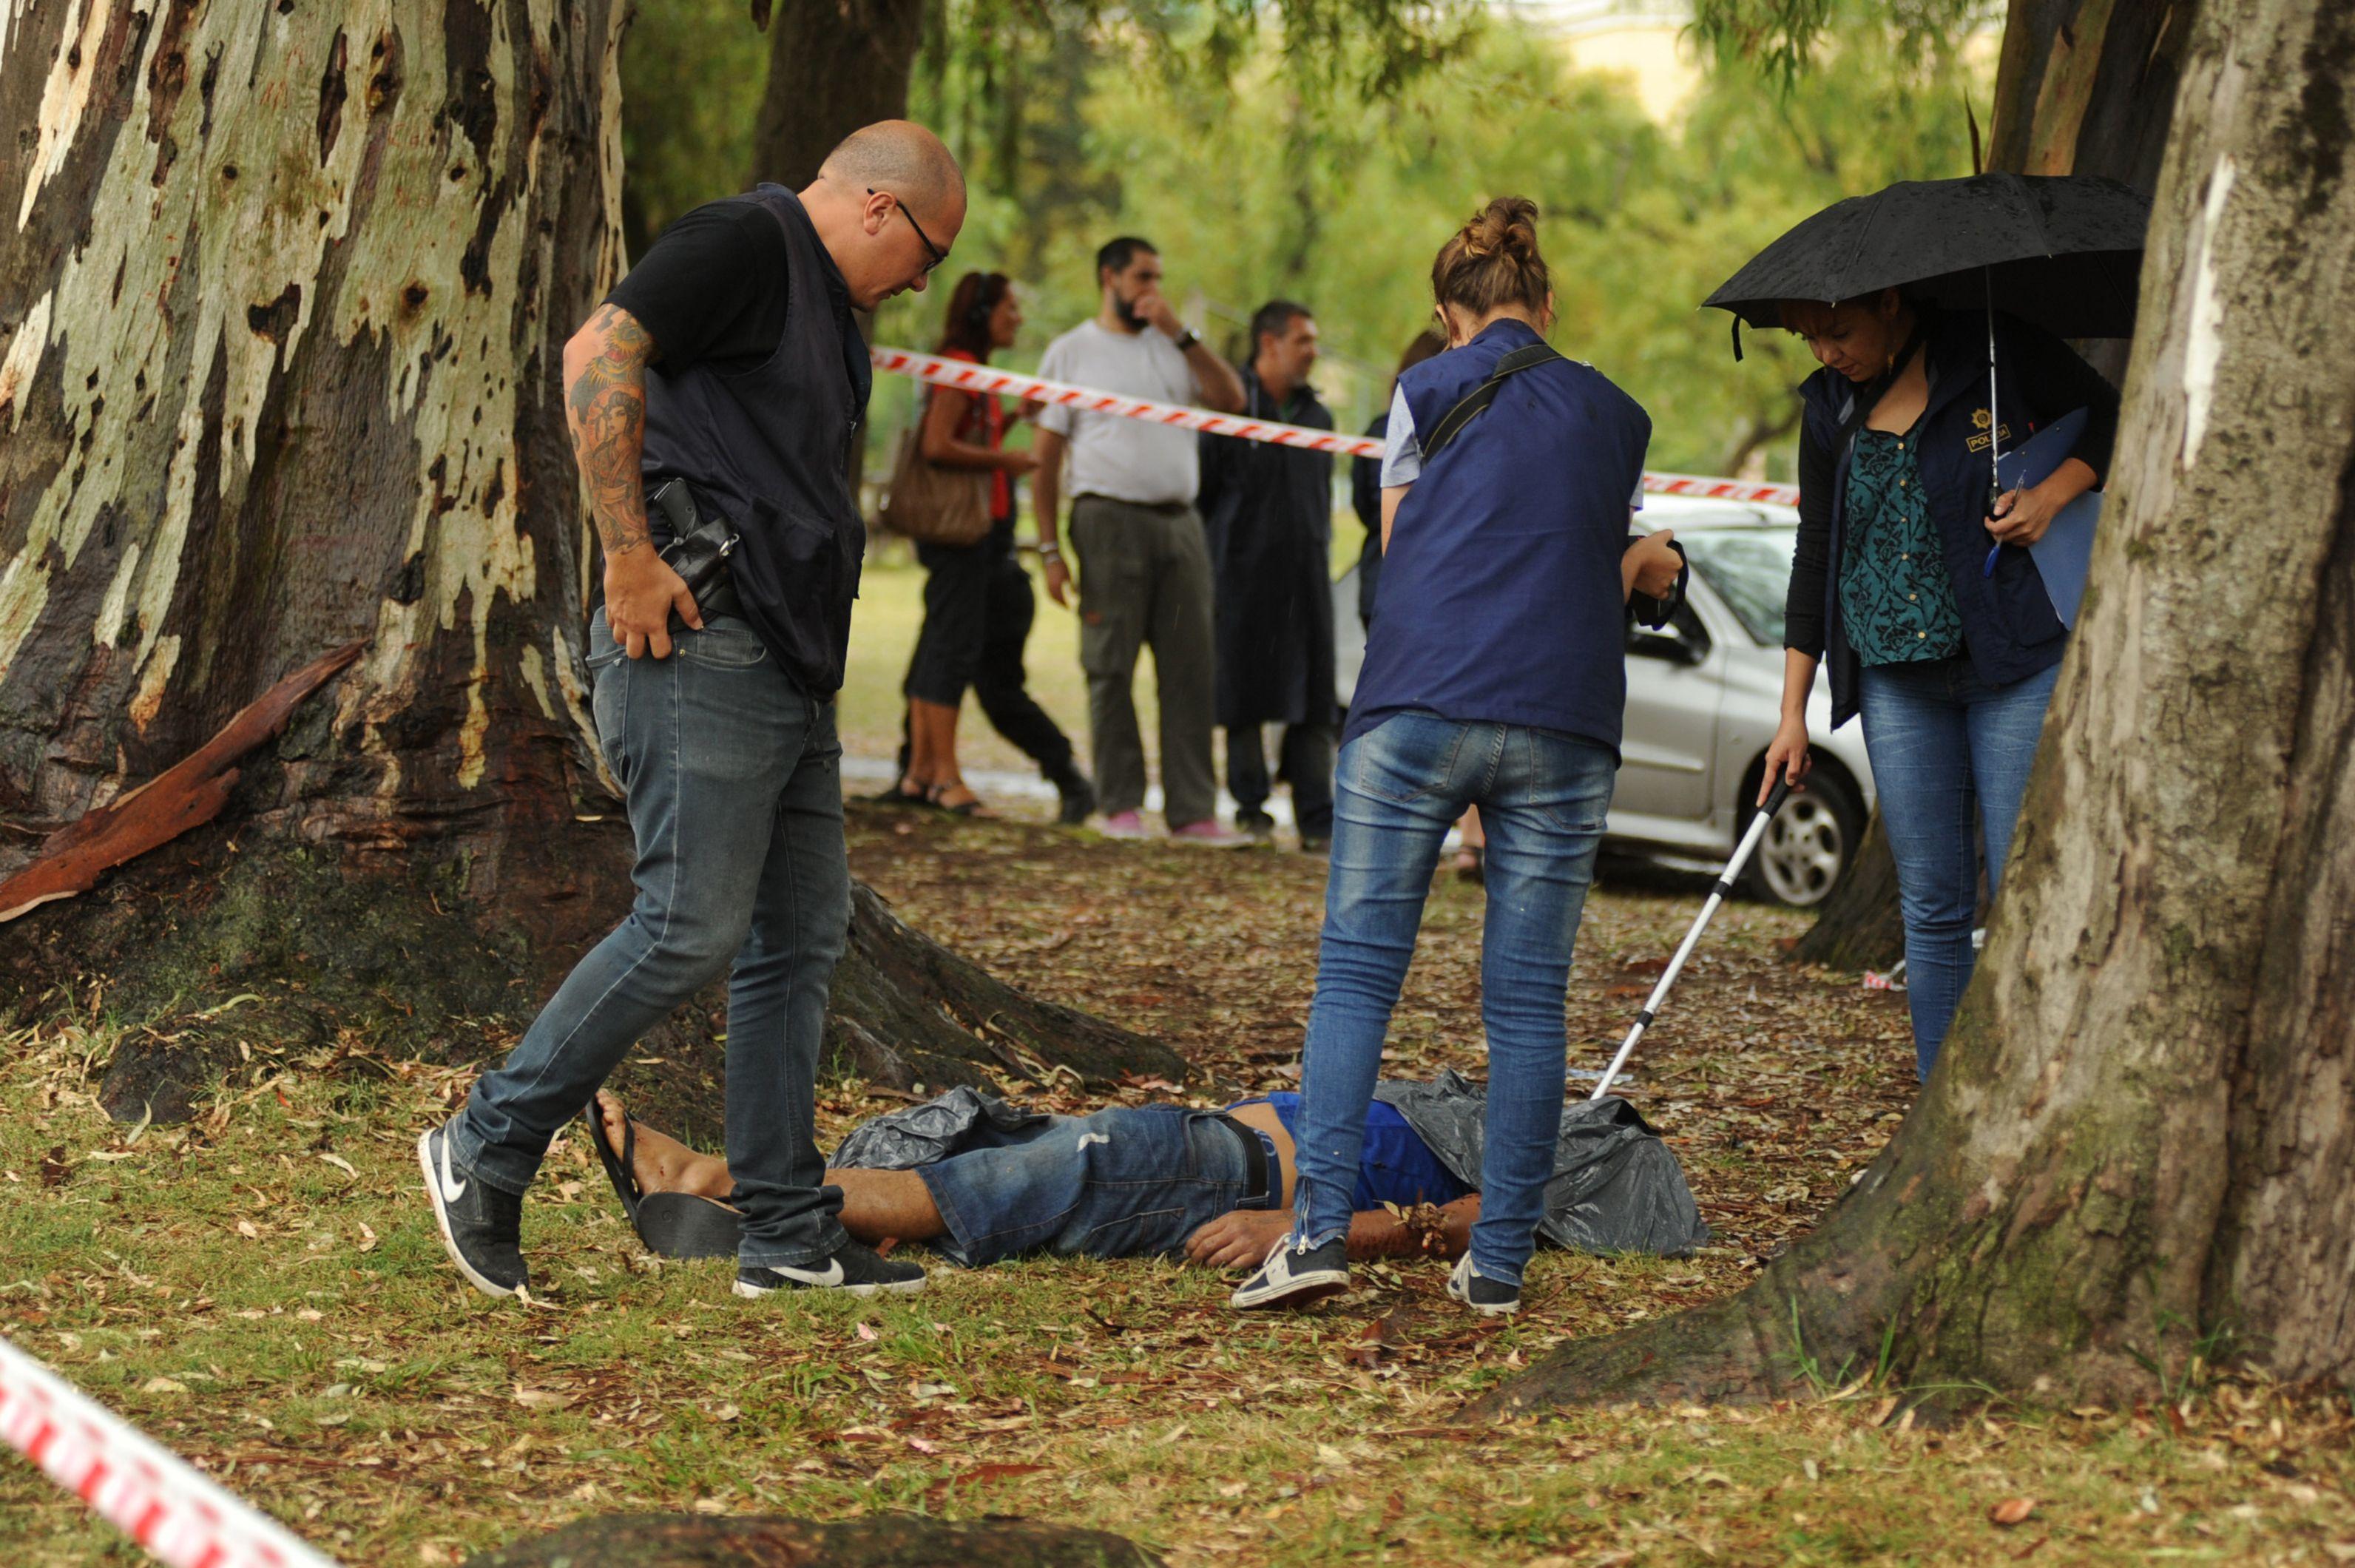 bajo los eucaliptus. Allí fue encontrado el cuerpo de Santiago Aguirre